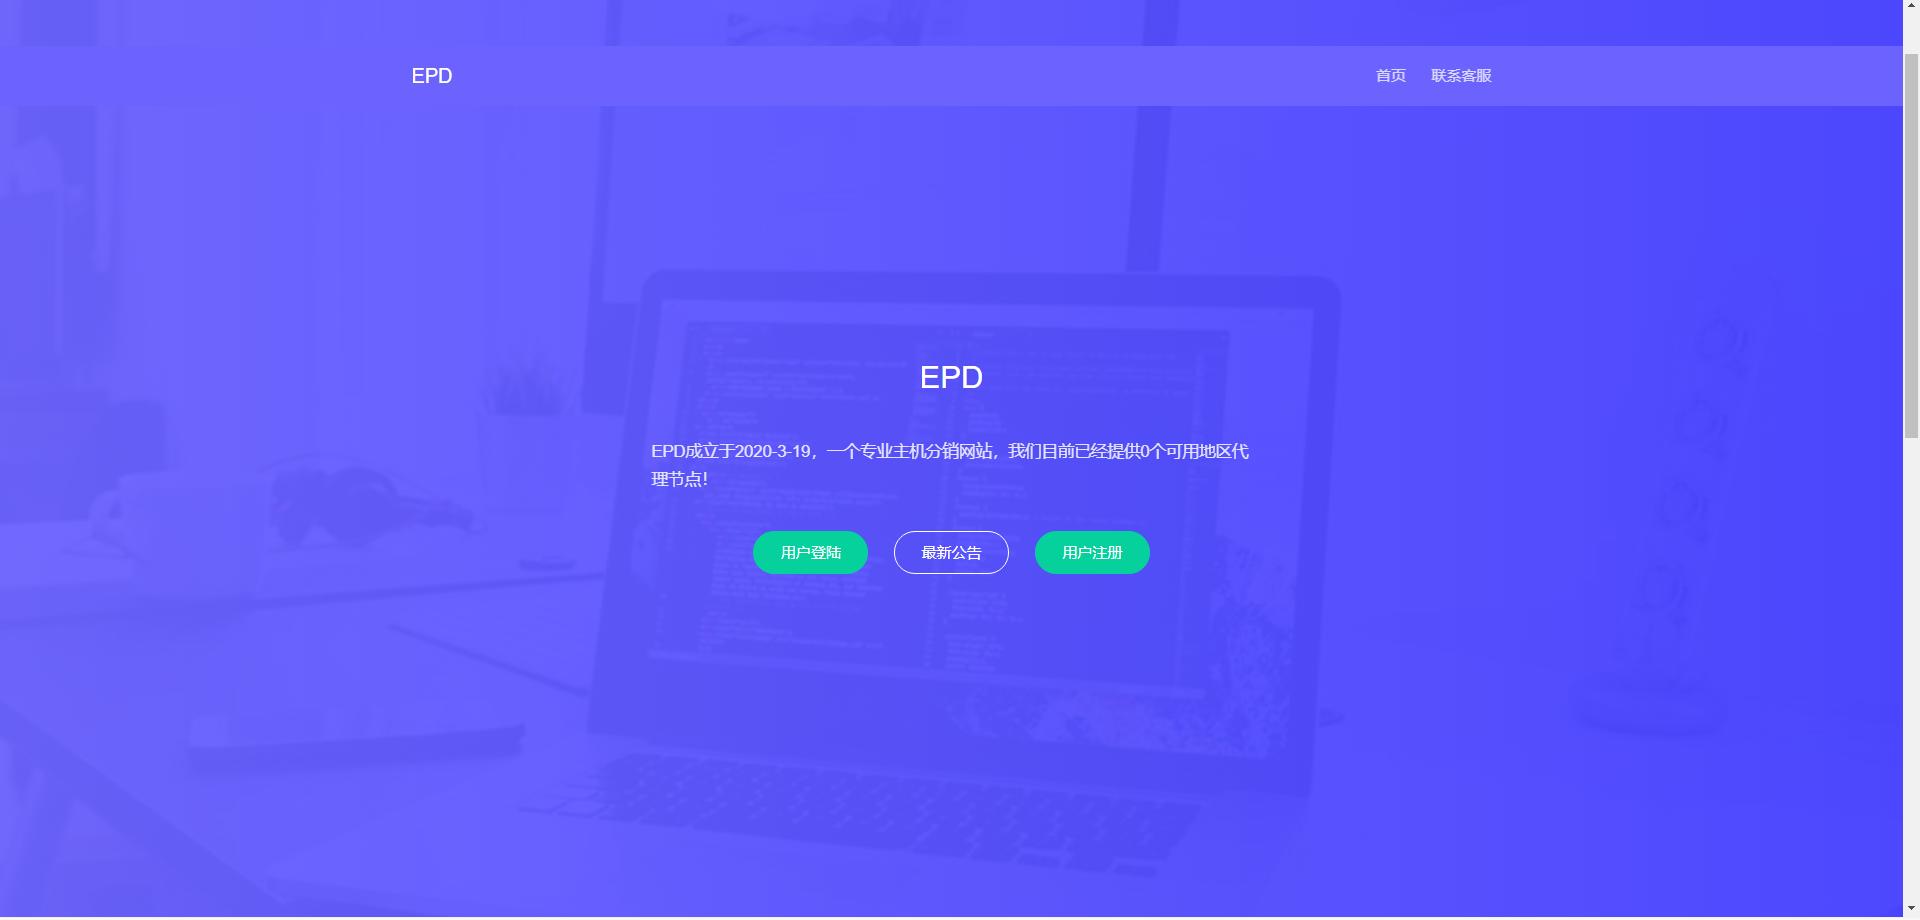 最新小鬼EP分销网站源码,QQ截图20200425234318.png,网站源码,第3张